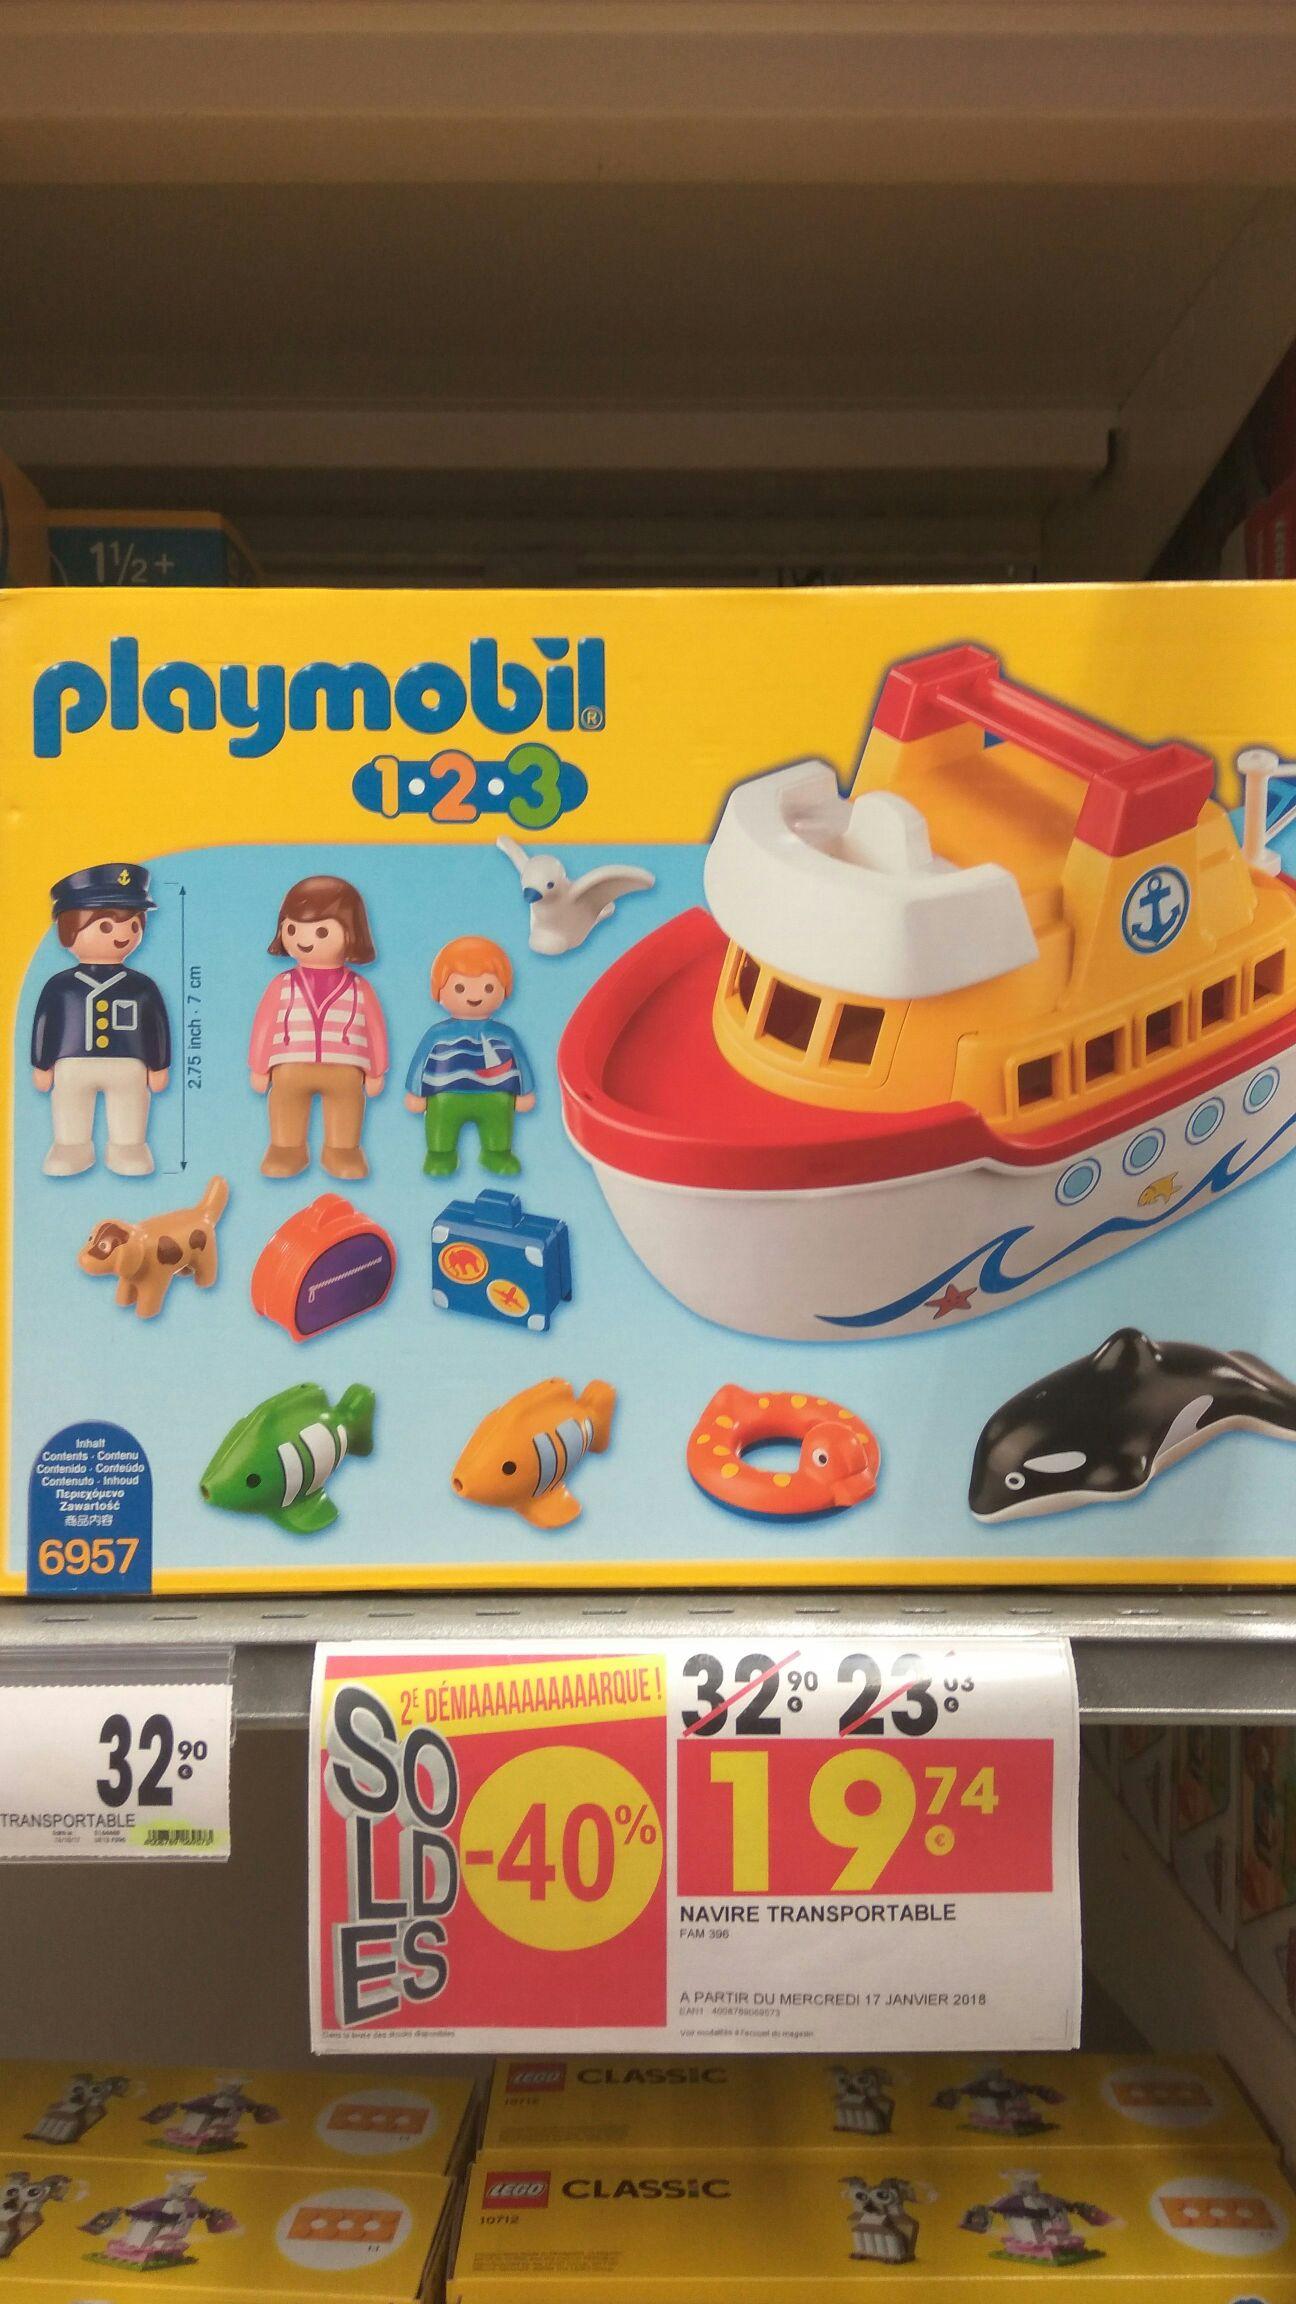 Sélection de jouets à -40% - Ex: Set Playmobil 123 Navire transportable (Villefranche sur Saône - 69)